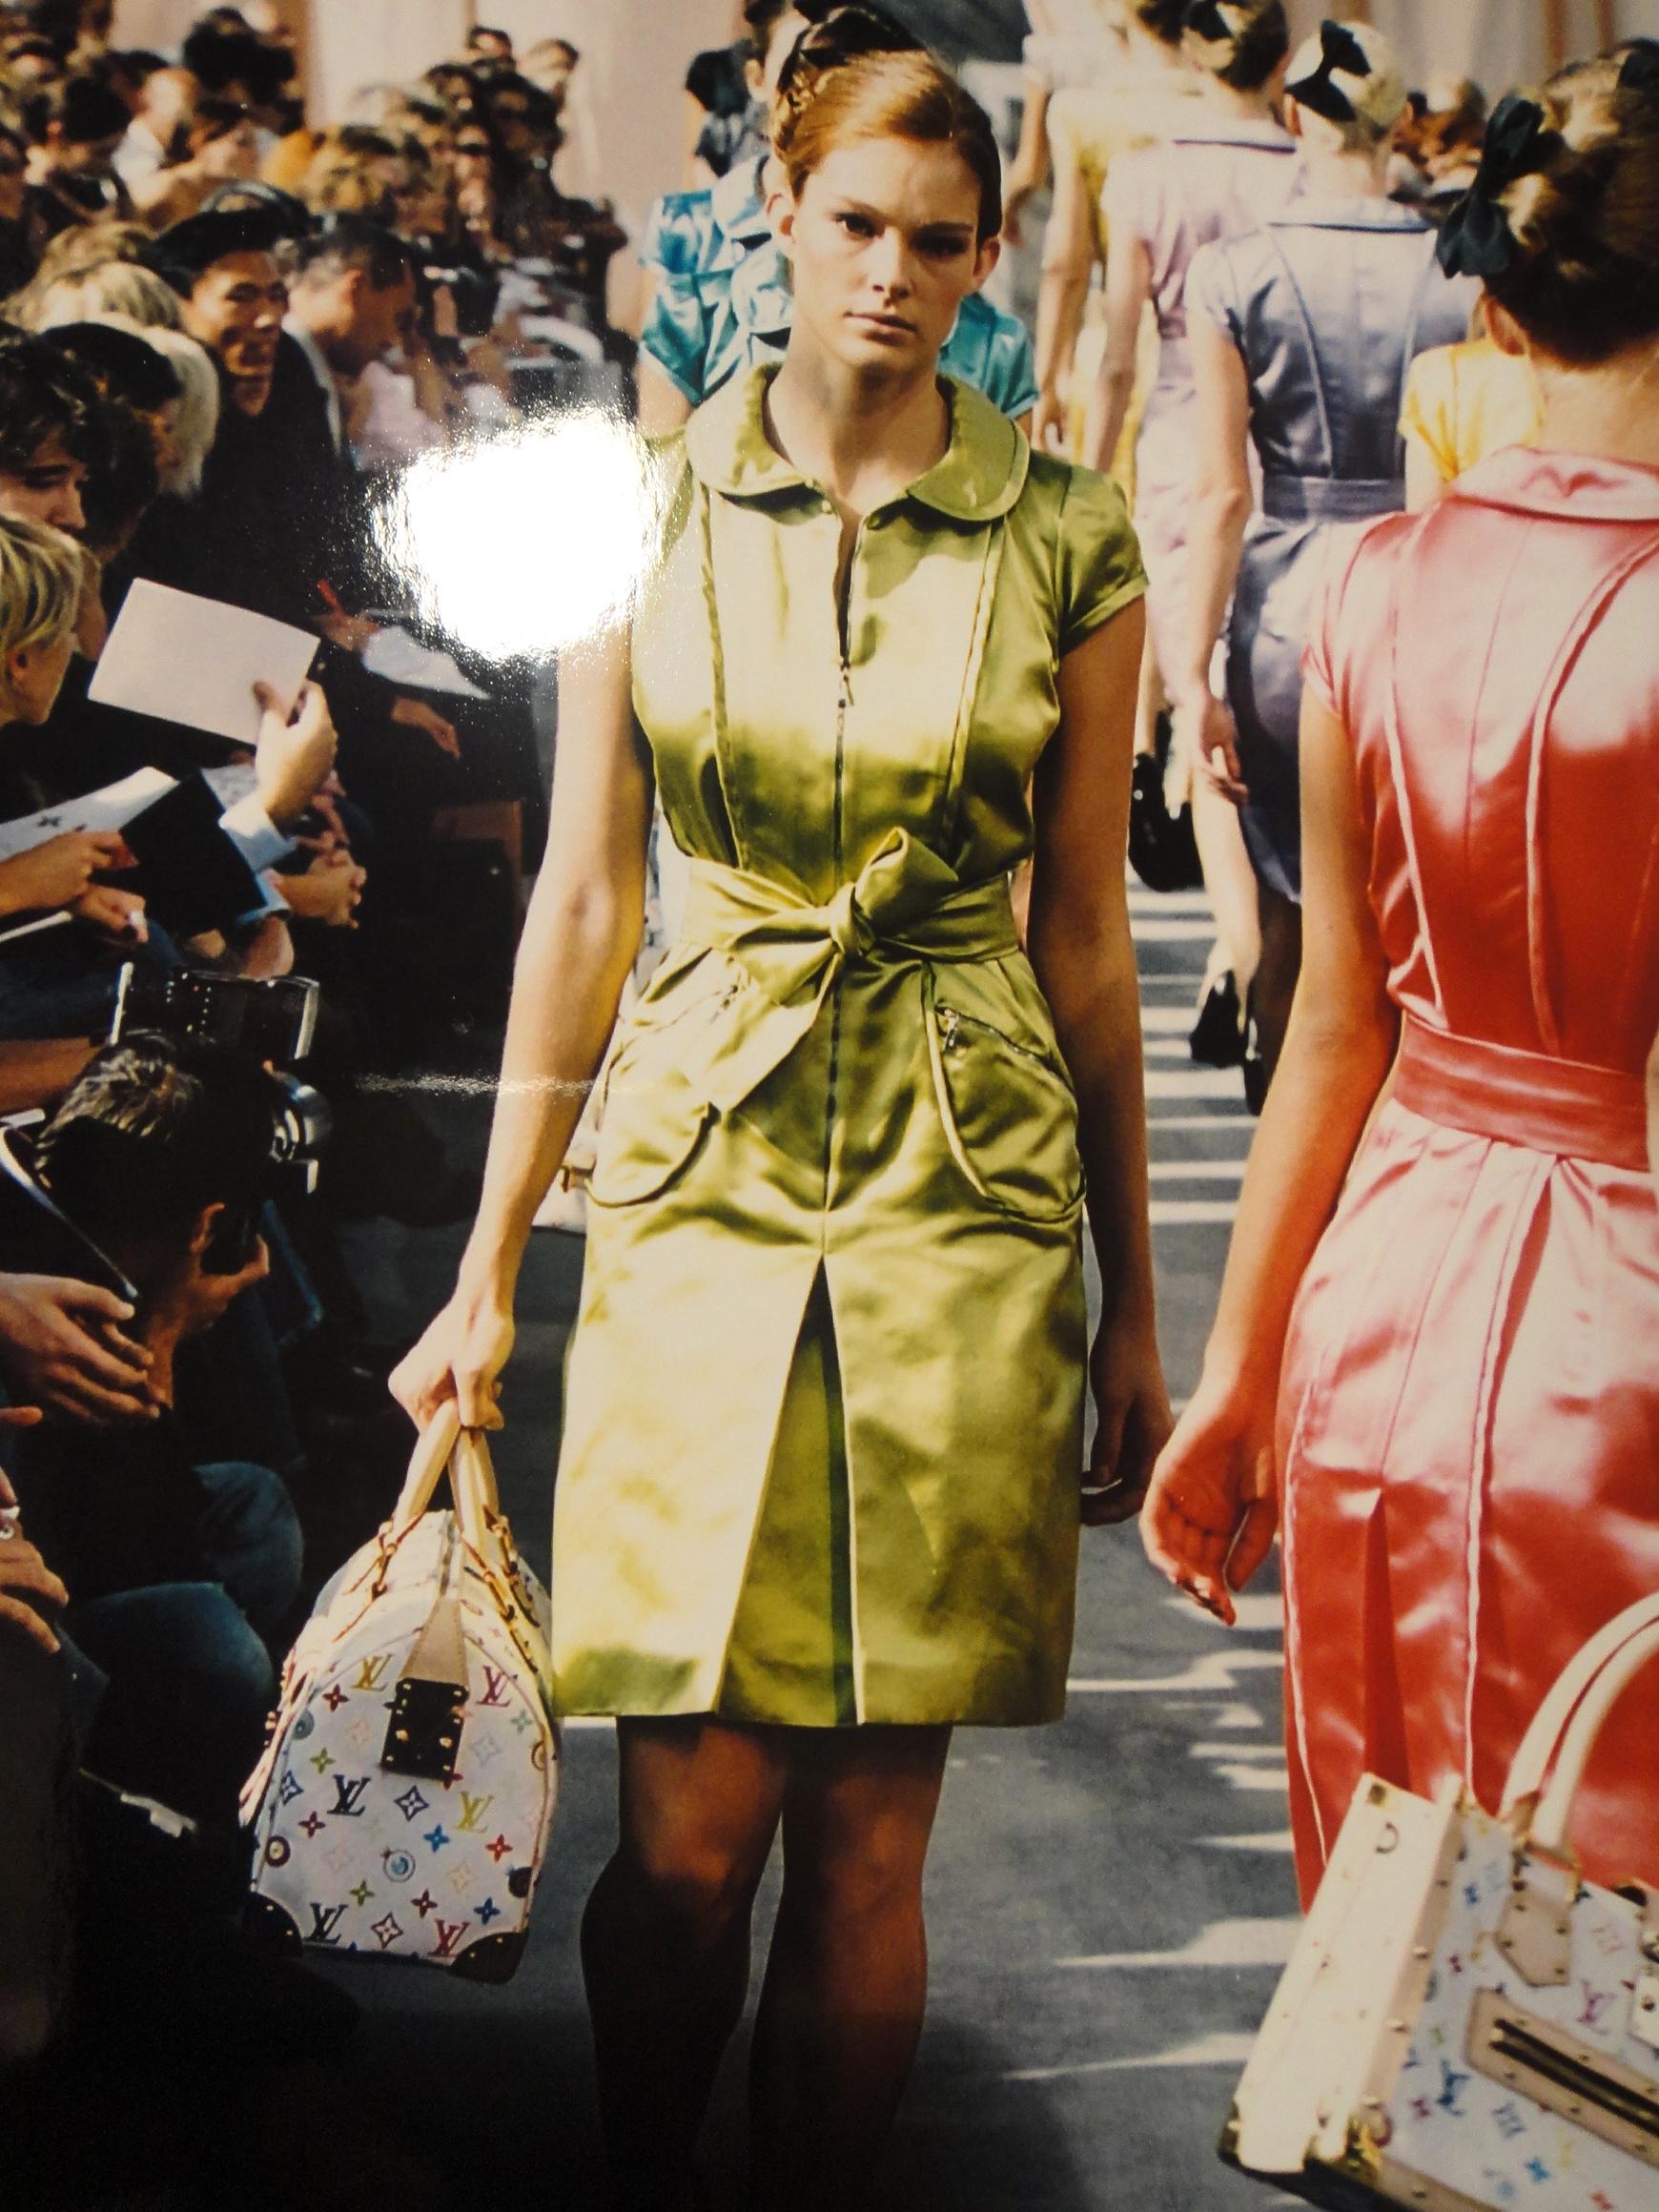 Louis Vuitton Spring Summer collection 2003